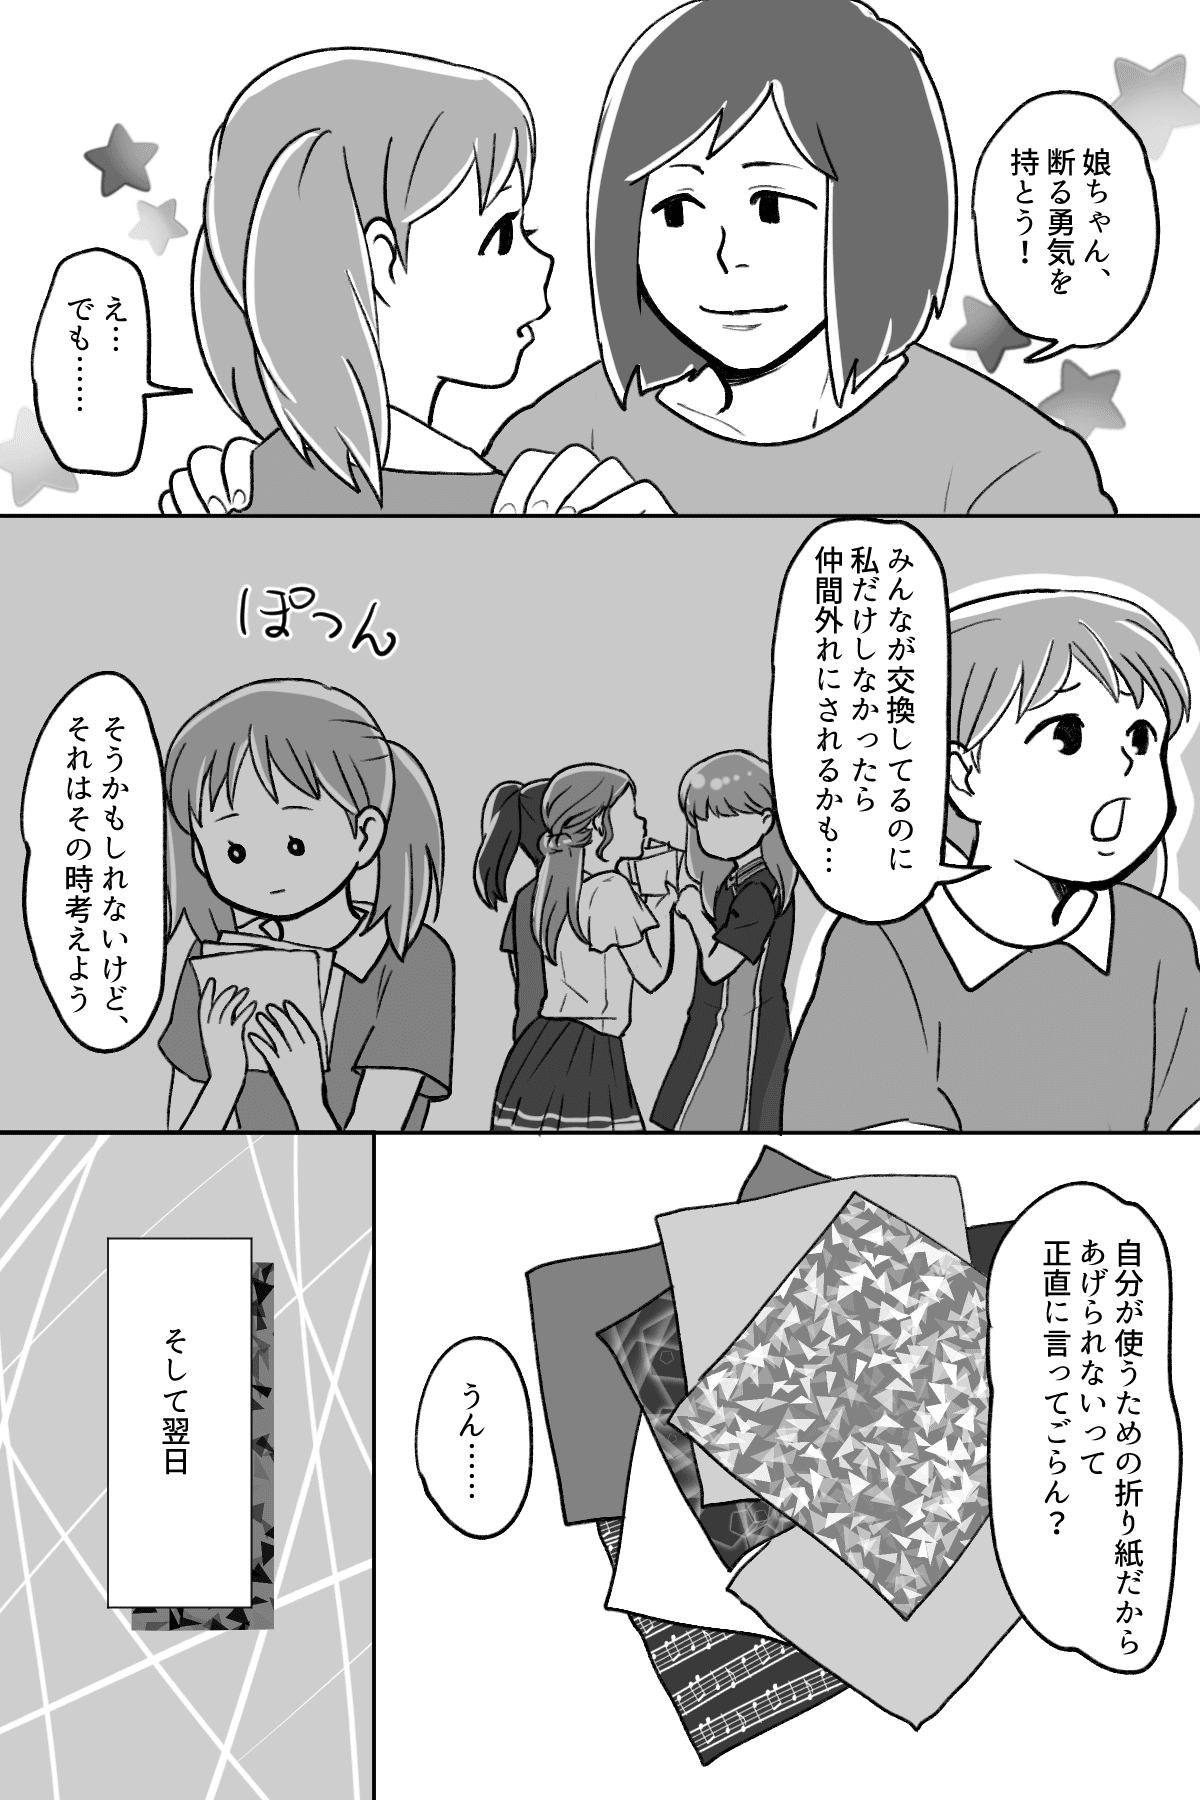 小学生の娘が折り紙交換でトラブル……!?3